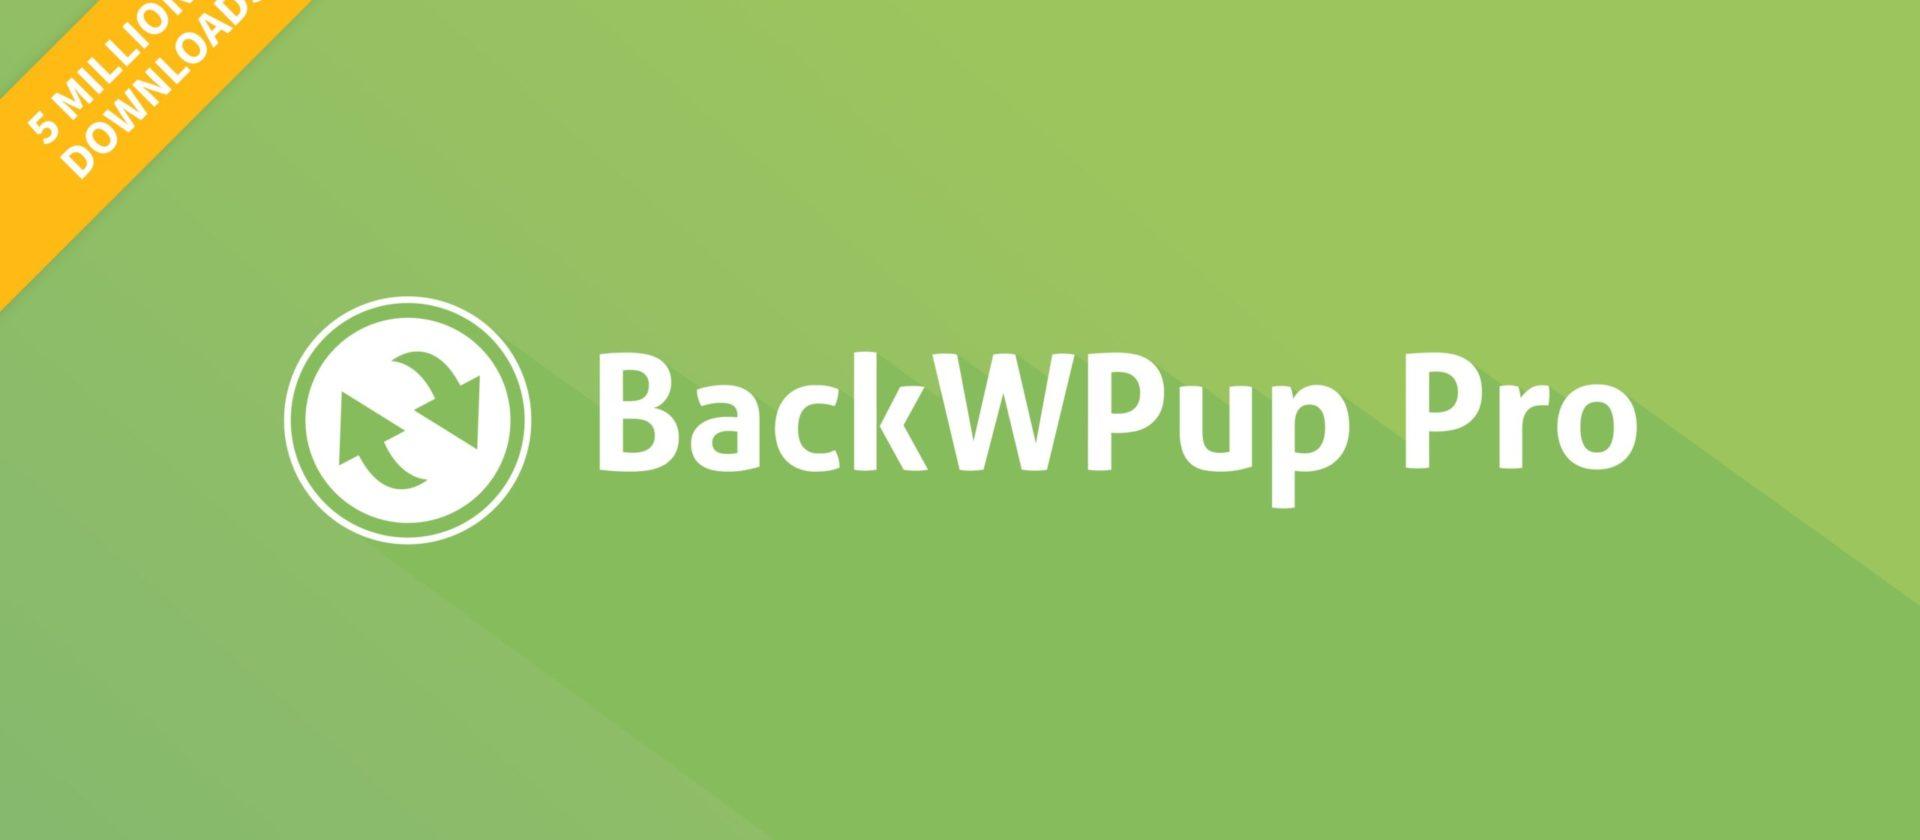 BackWPup 5 Millionen Downloads. Es gibt 50 % Rabatt auf das WordPress Backup Plugin.